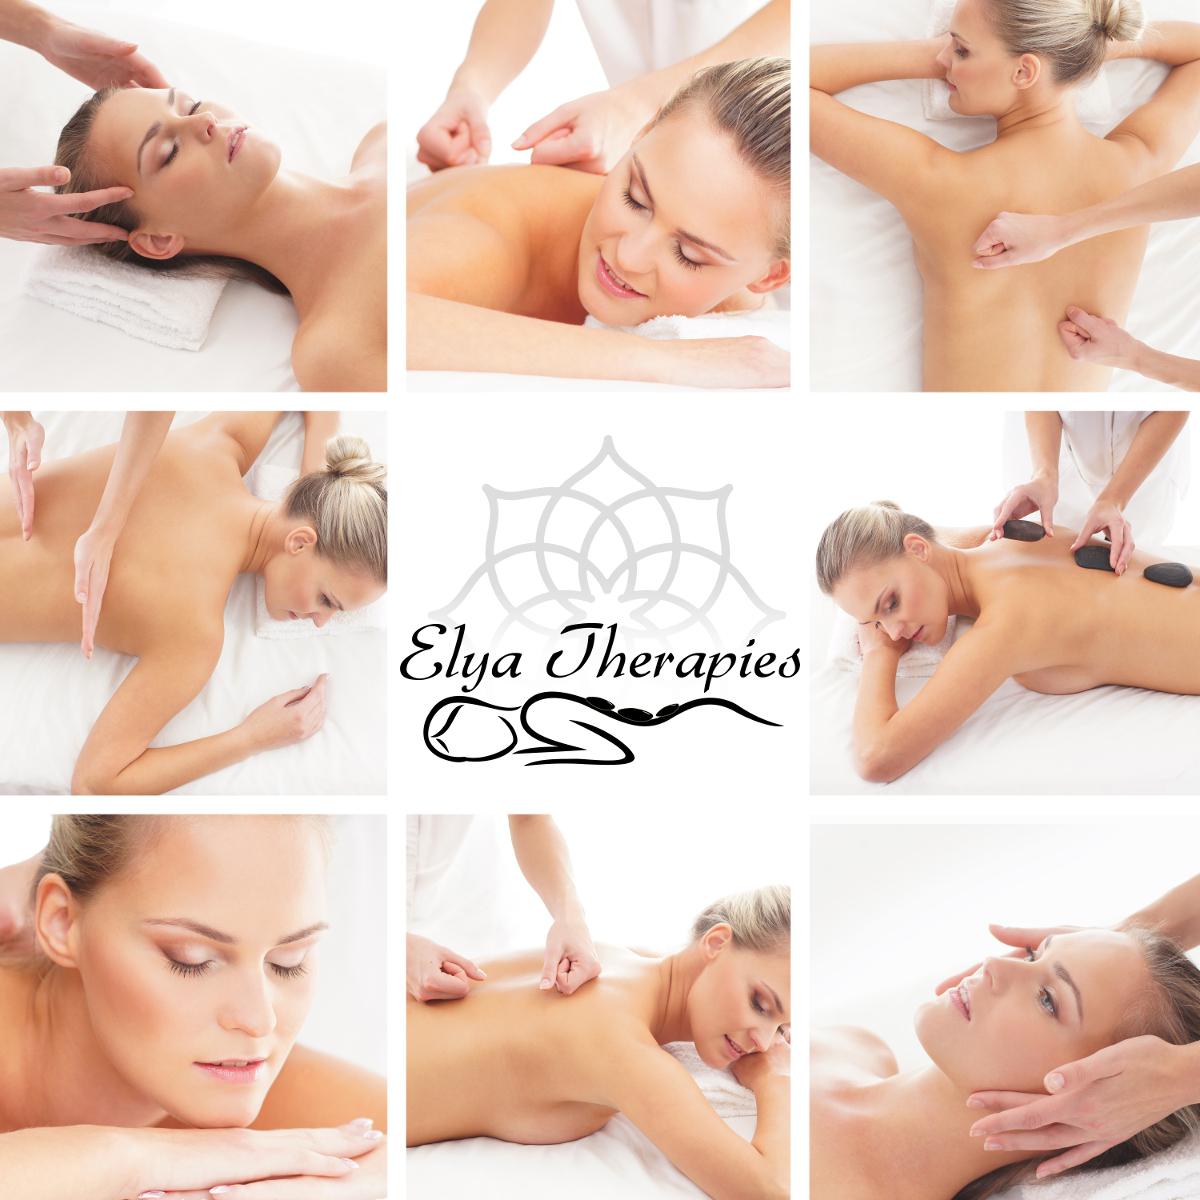 centro de masajes y terapias alternativas en casteldefels profesionales